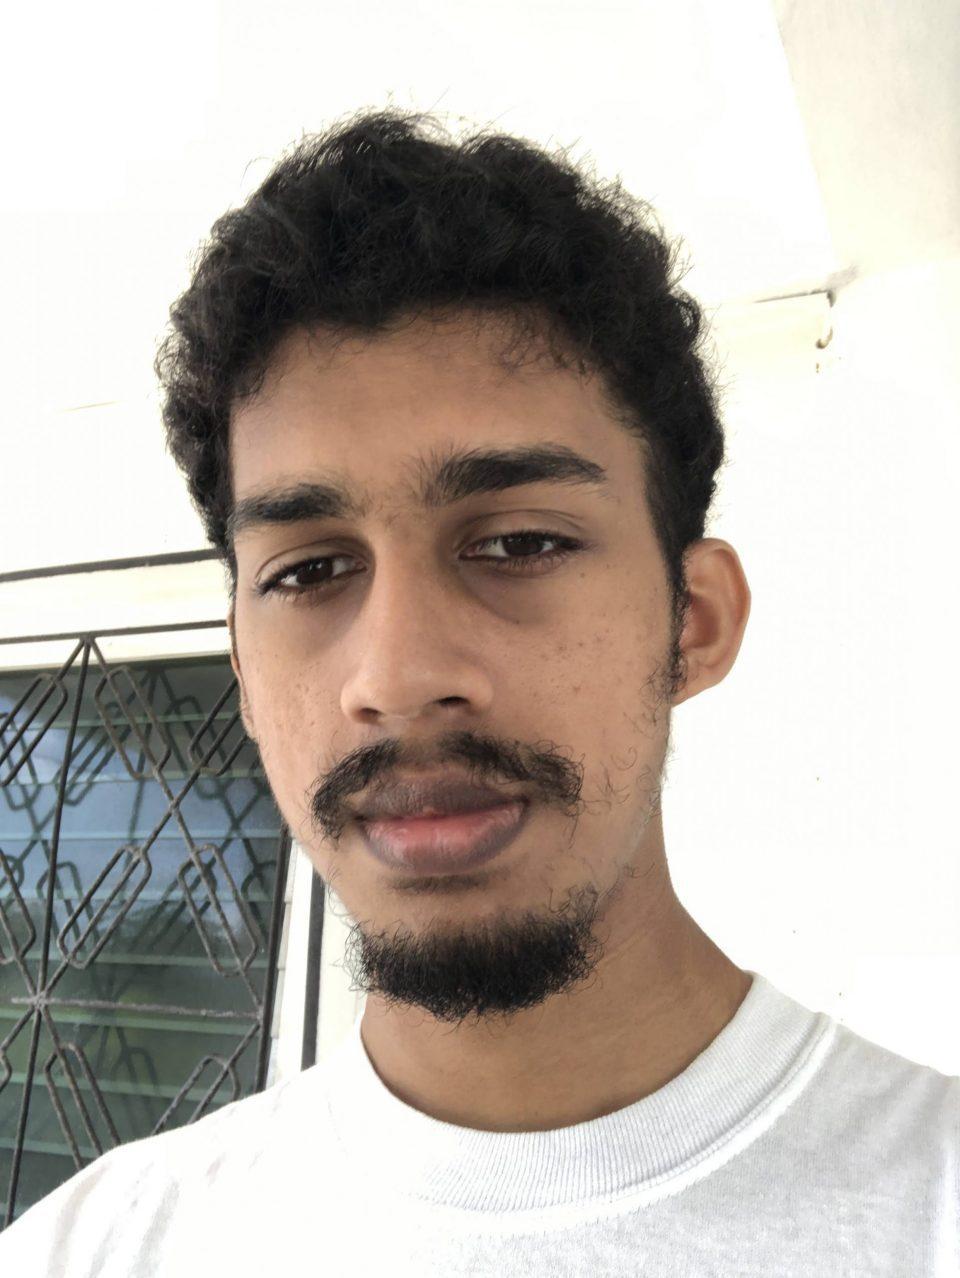 Ridwan Azeez